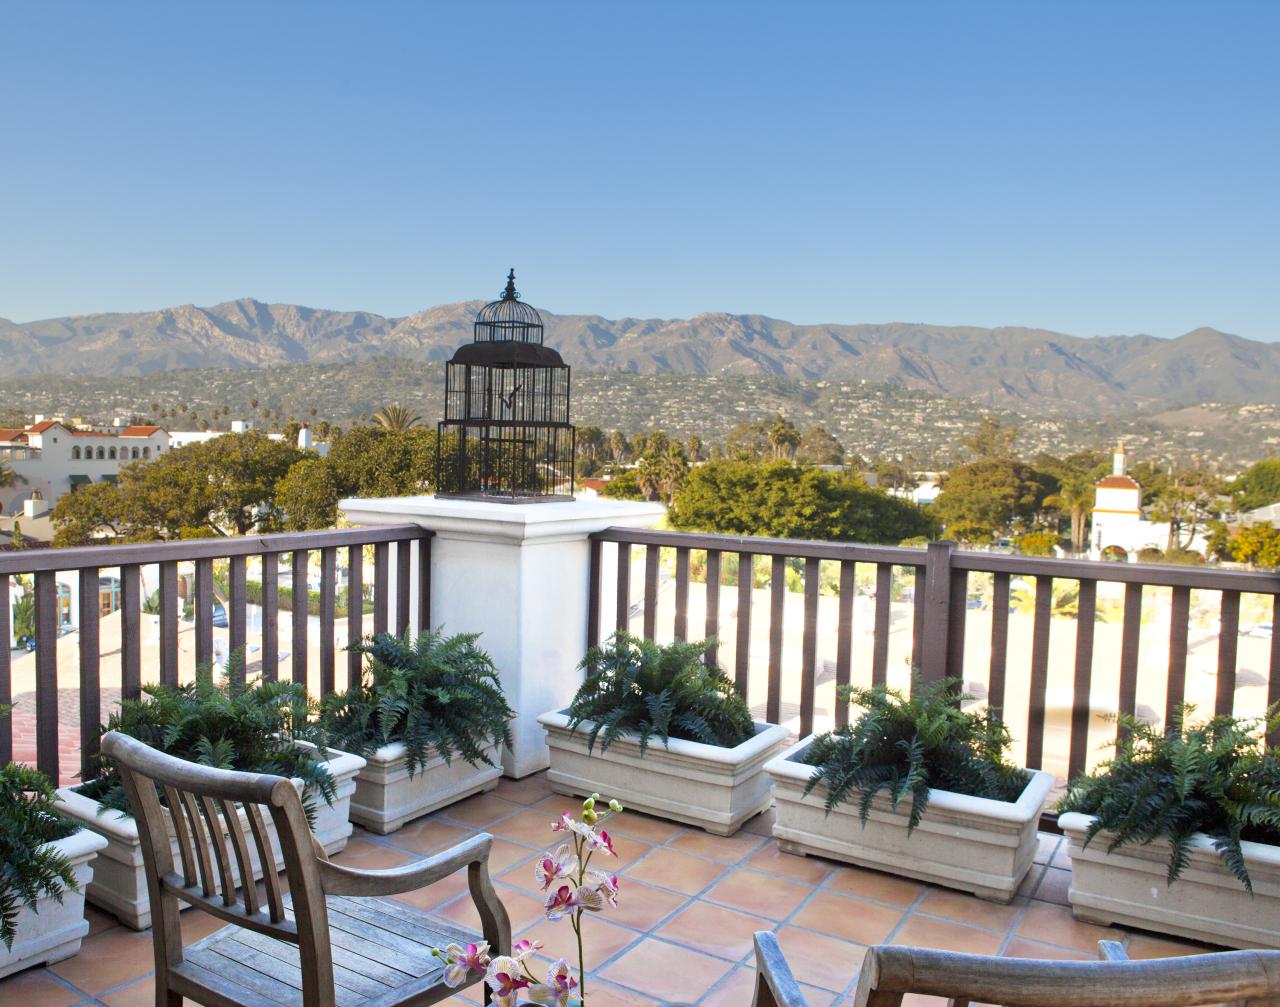 Property photo for 350 Chapala St #302 Santa Barbara, California 93101 - 12-2880